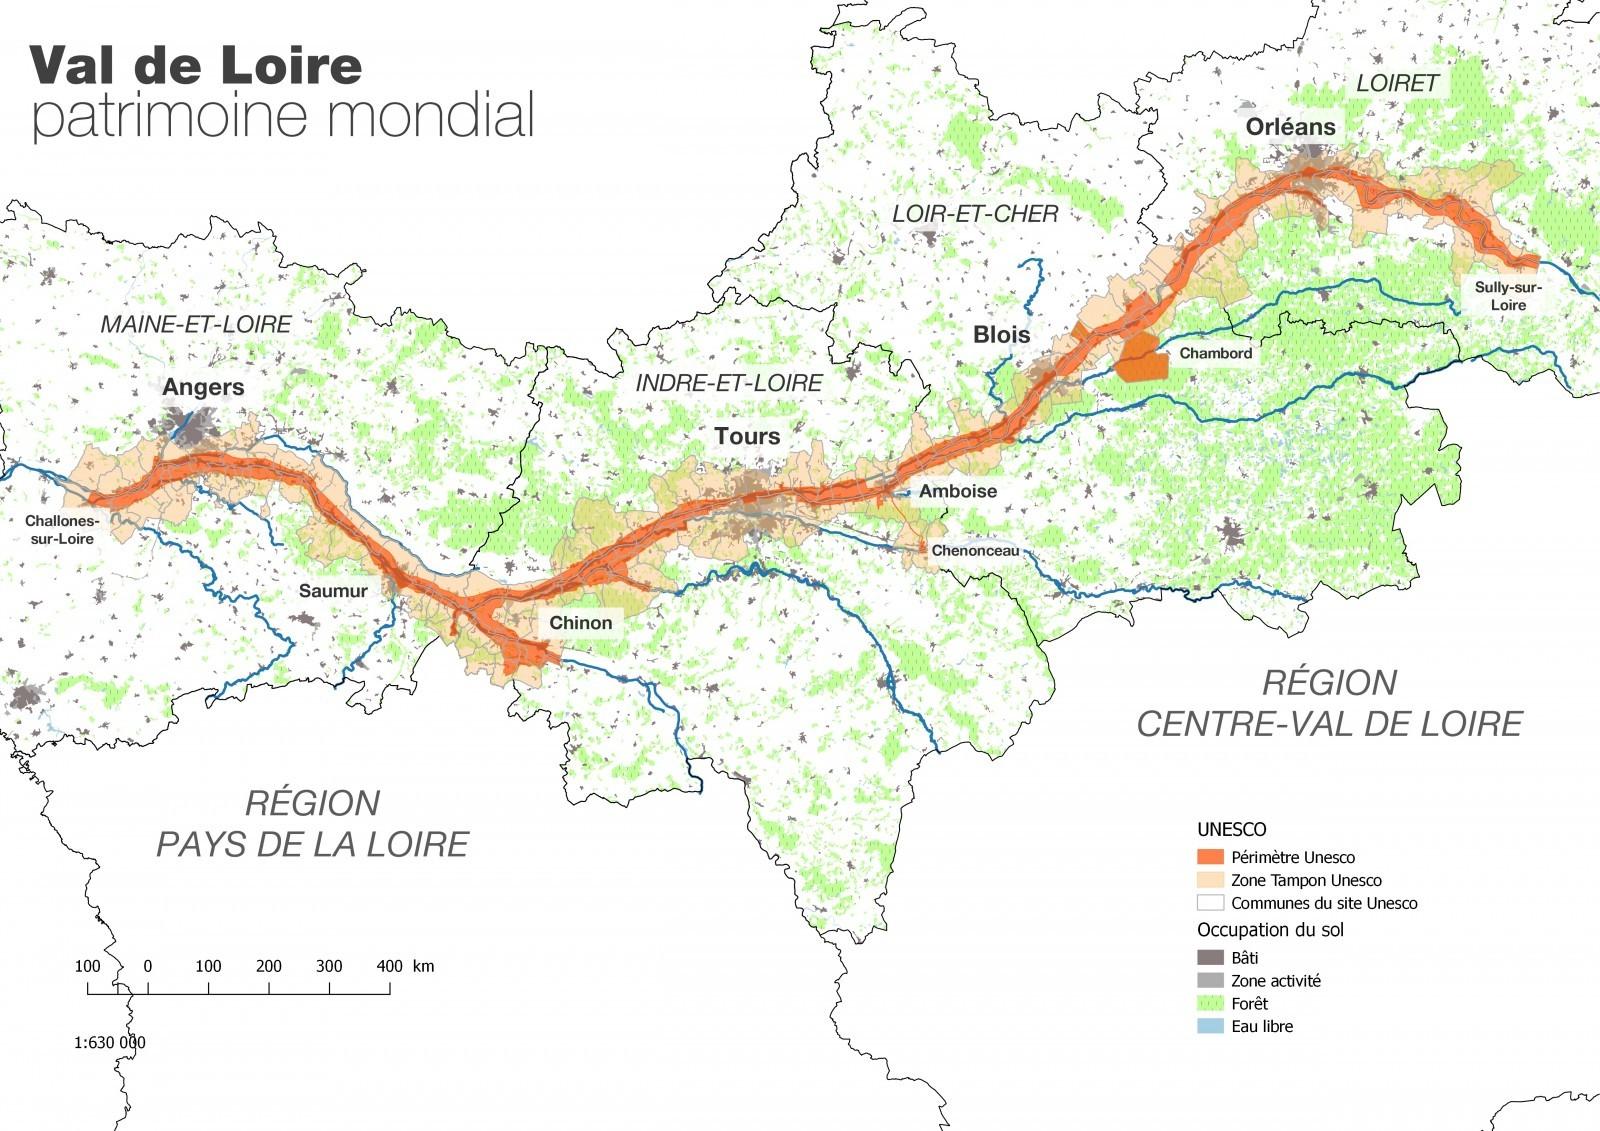 Carte du fleuve Loire et du périmètre inscrit sur la liste du patrimoine mondial. Le périmètre inscrit s'étend sur un territoire qui comprend 157 communes réparties sur 4 départements et 2 régions, depuis Sully-sur-Loire en amont jusqu'à Chalonnes-sur-Loire en aval. 2 métropoles (Orléans et Tours), 1 communauté urbaine (Angers Loire Métropole), 2 communautés d'agglomération (Blois-Agglopolys et Saumur Val de Loire) et 13 communautés de communes accueillent plus d'1,2 millions d'habitants.  Source : Mission Val de Loire Patrimoine mondial